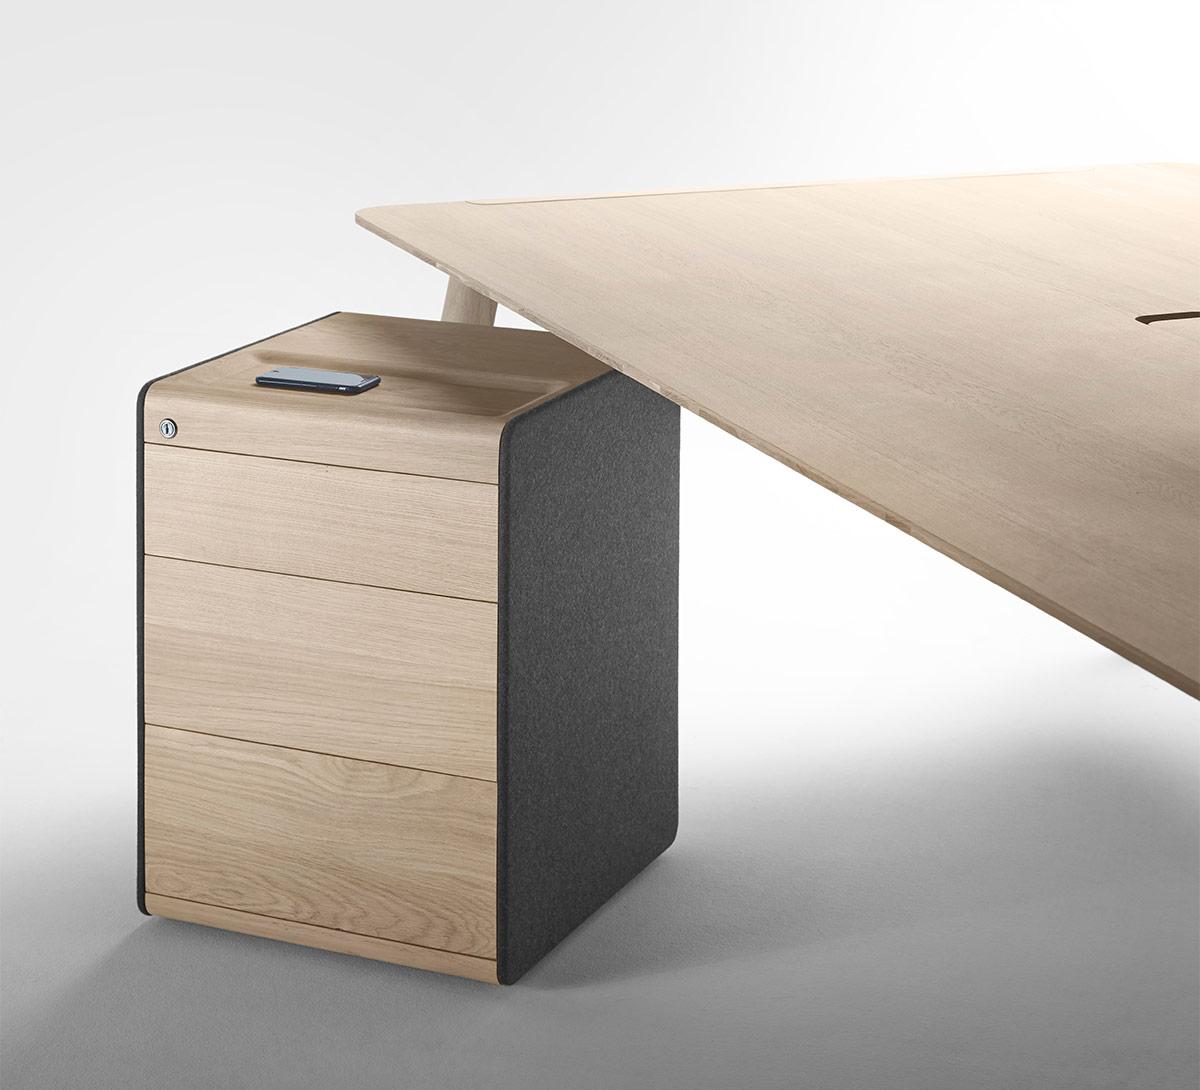 Iratzoki-lizaso-design-heldu-container